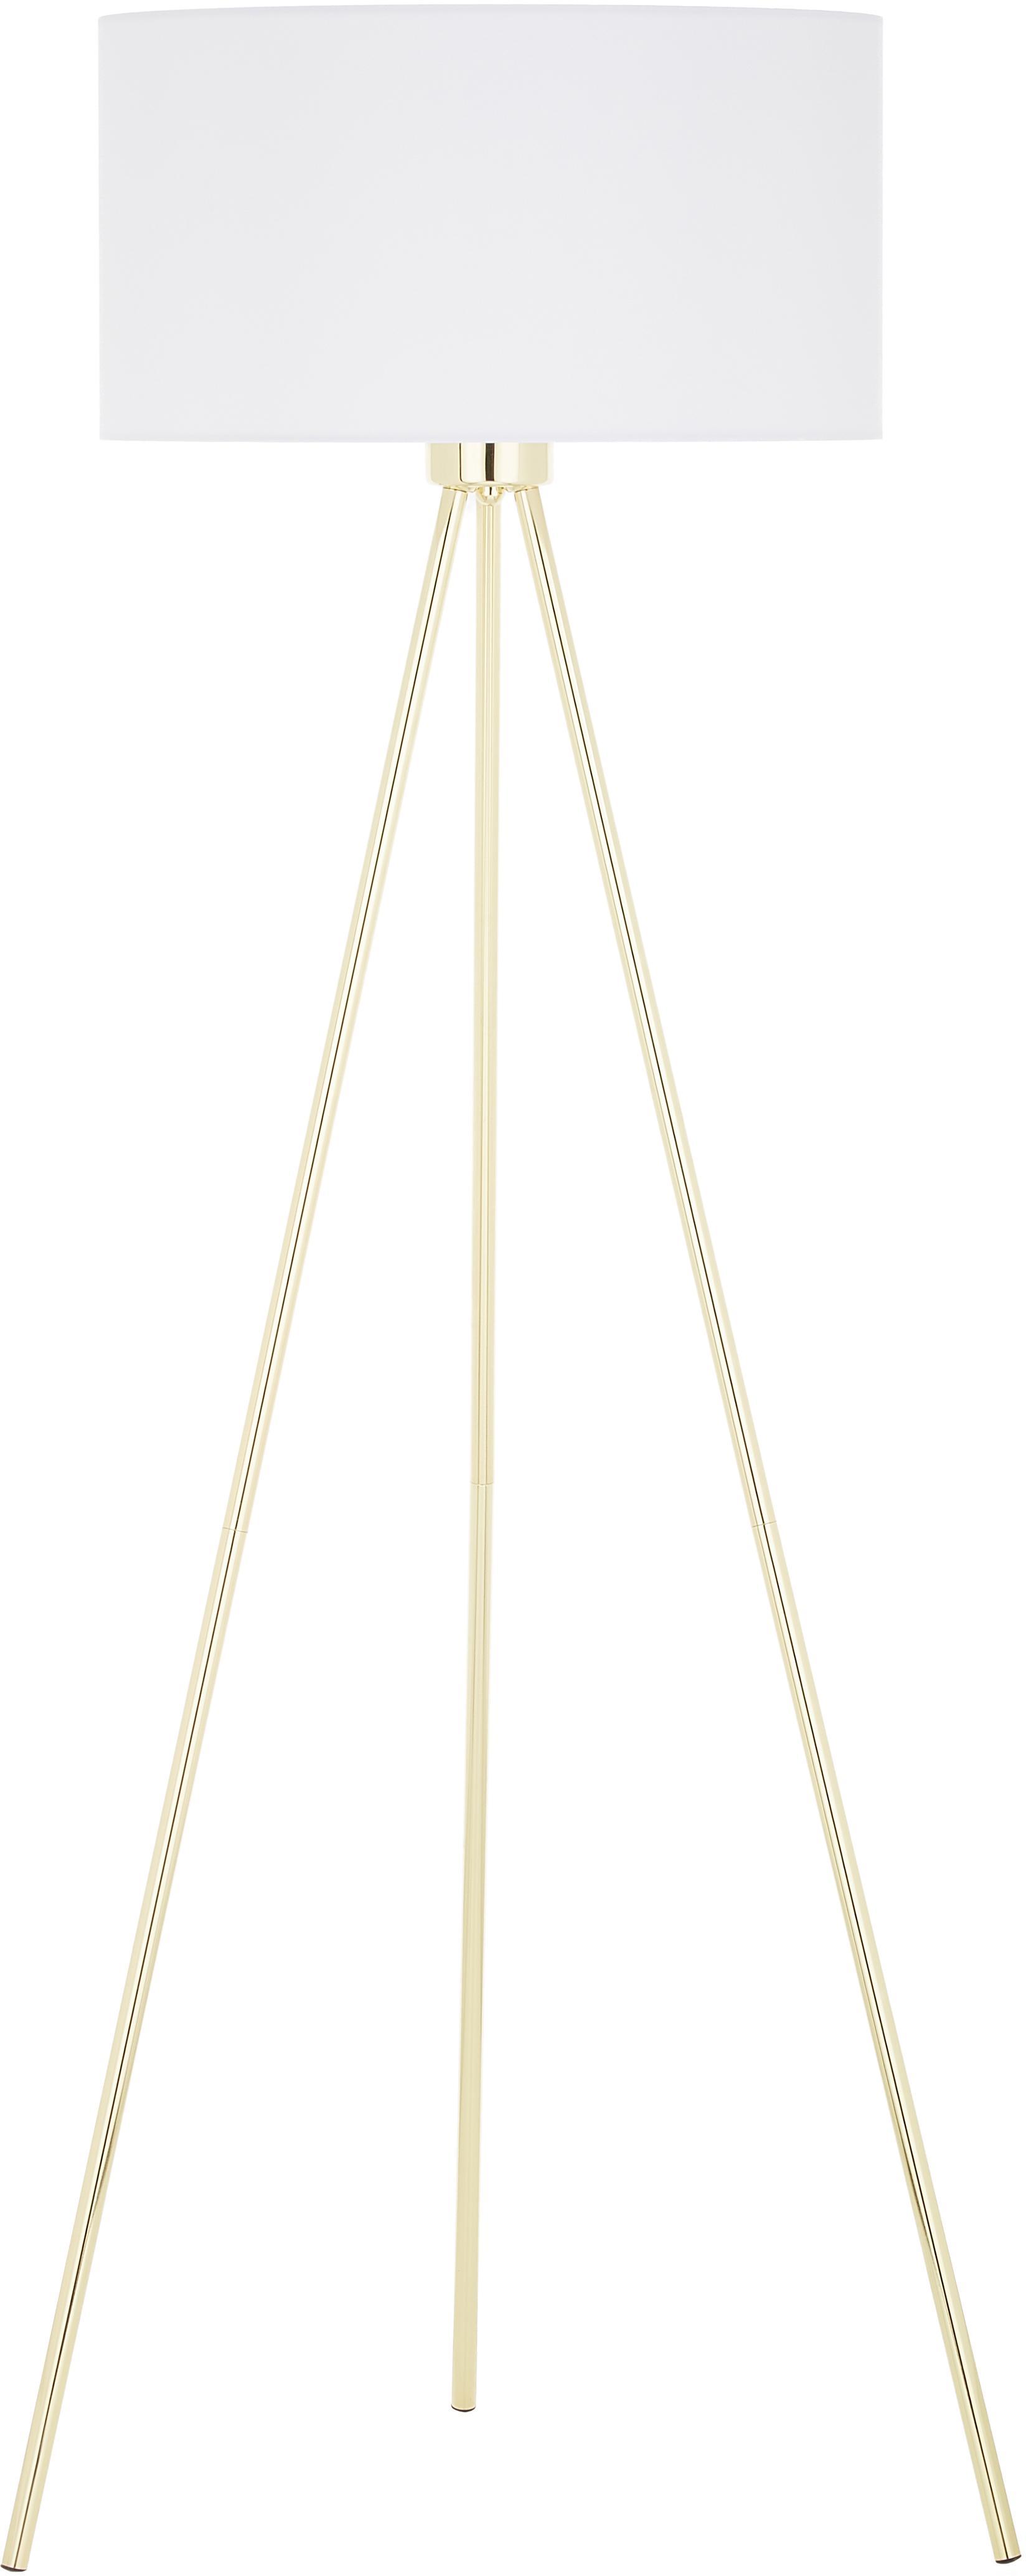 Stehlampe Cella, Lampenschirm: Baumwolle, Lampenfuss: Goldfarben, glänzendLampenschirm: Weiss, Ø 48 x H 158 cm